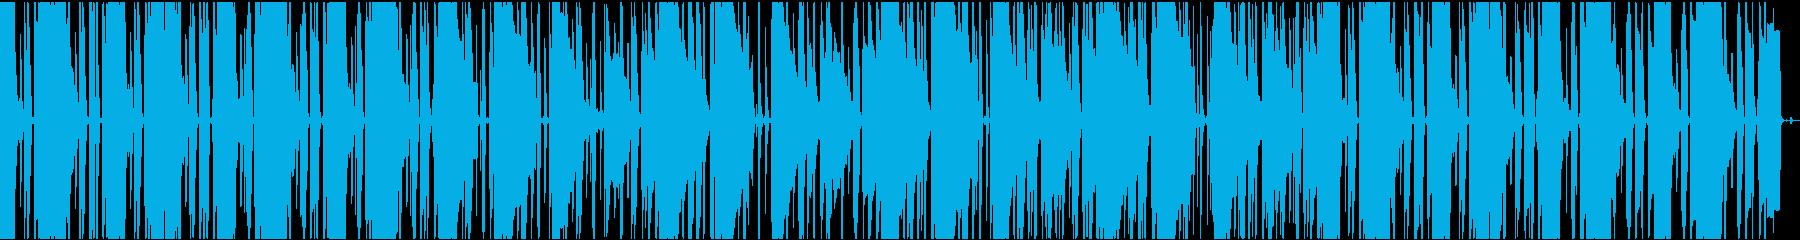 ざらざらしたアナログ感とユルいビートの再生済みの波形